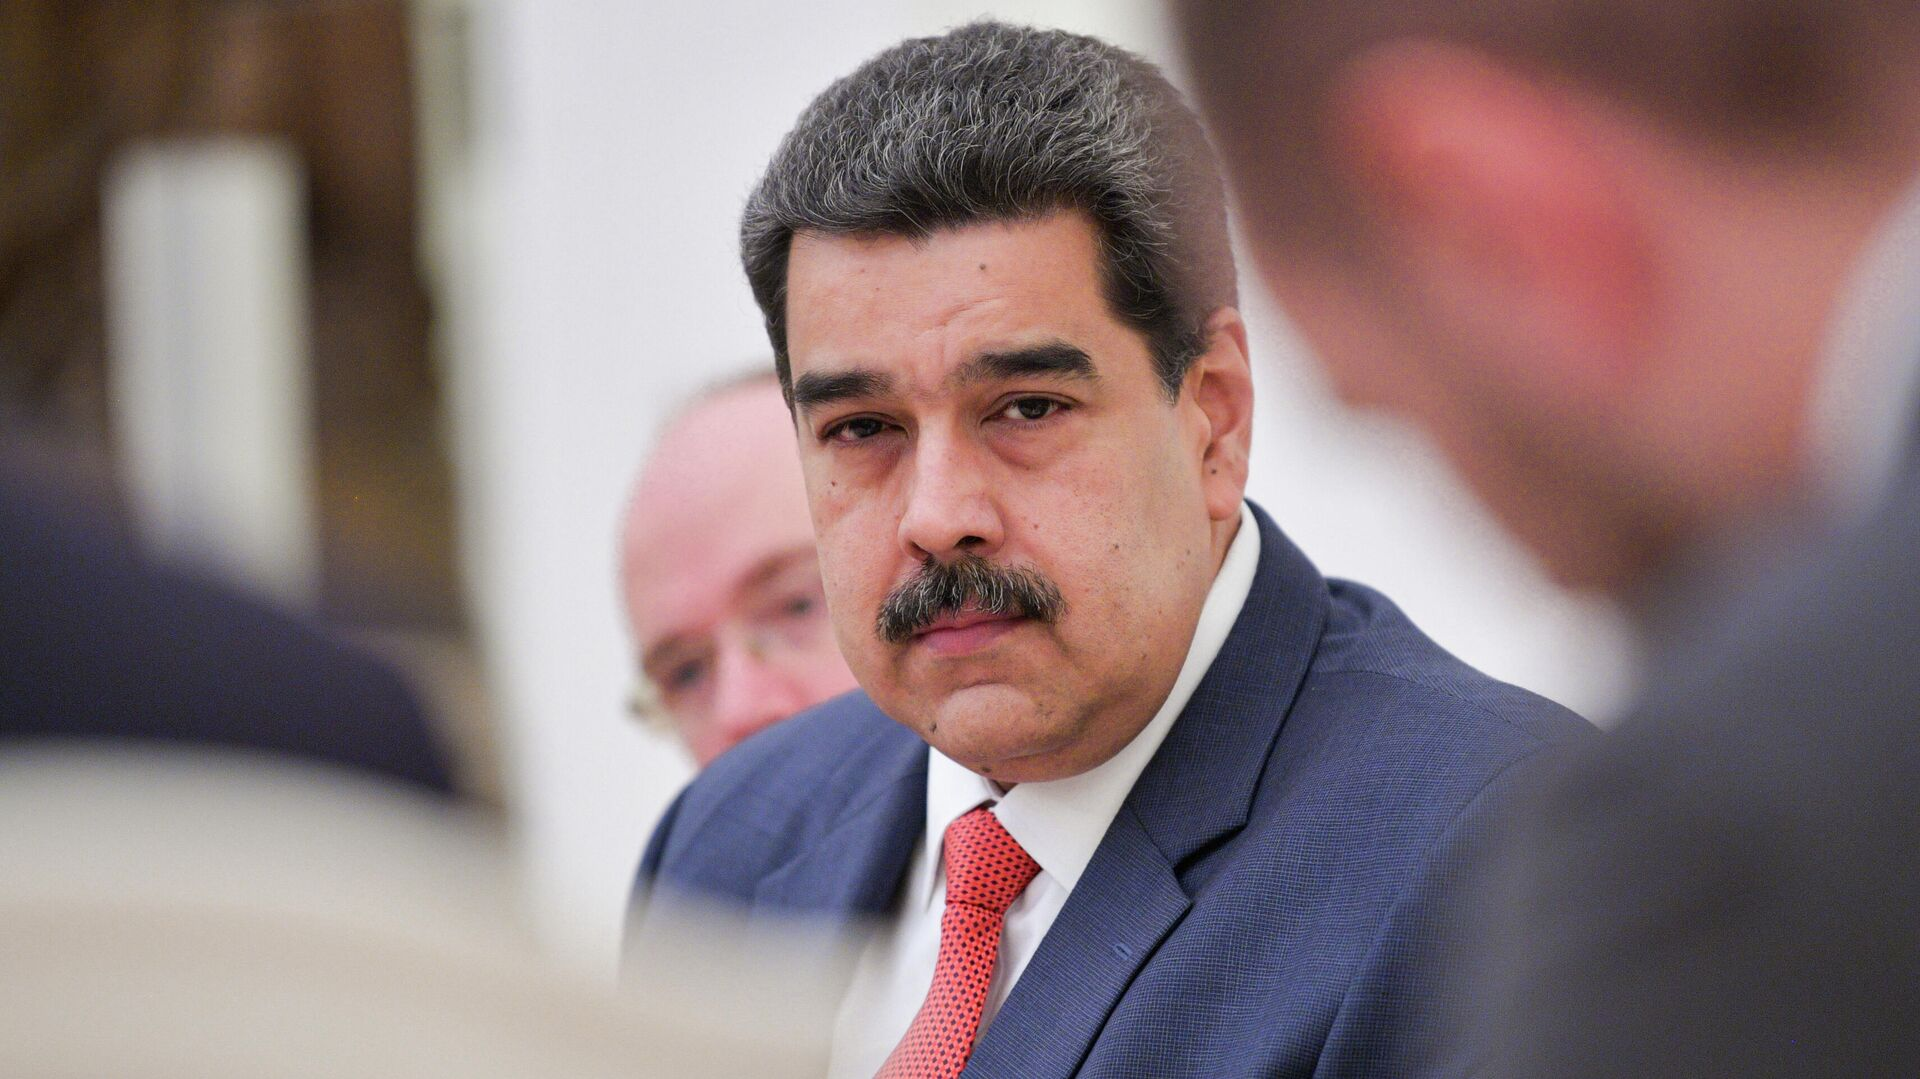 Президент Венесуэлы Николас Мадуро во время встречи с президентом РФ Владимиром Путиным - РИА Новости, 1920, 06.12.2020